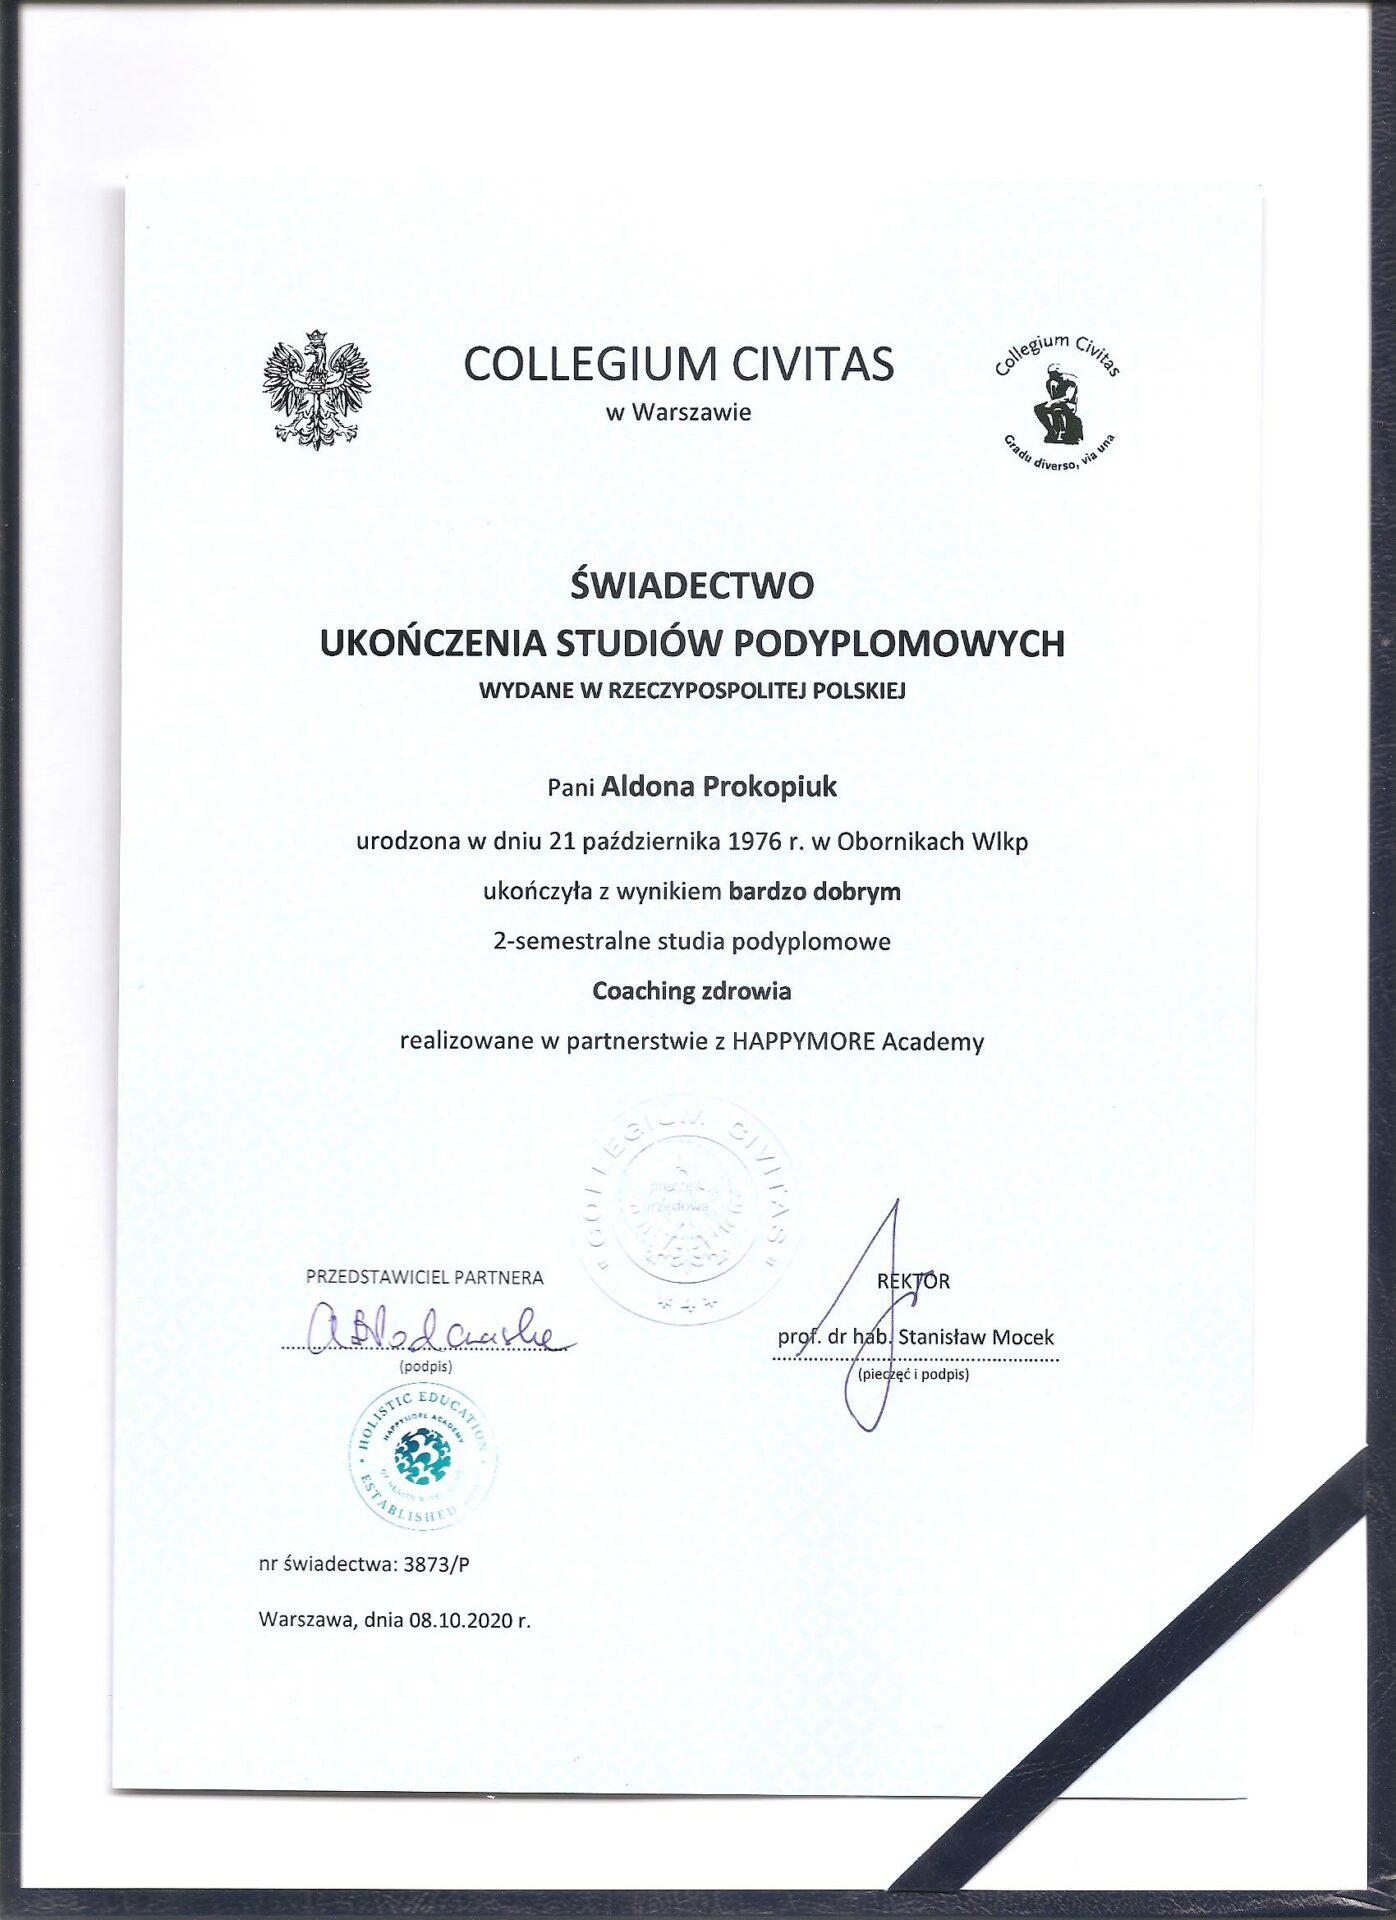 Swiadectwo-studiow-podyplomowych-001